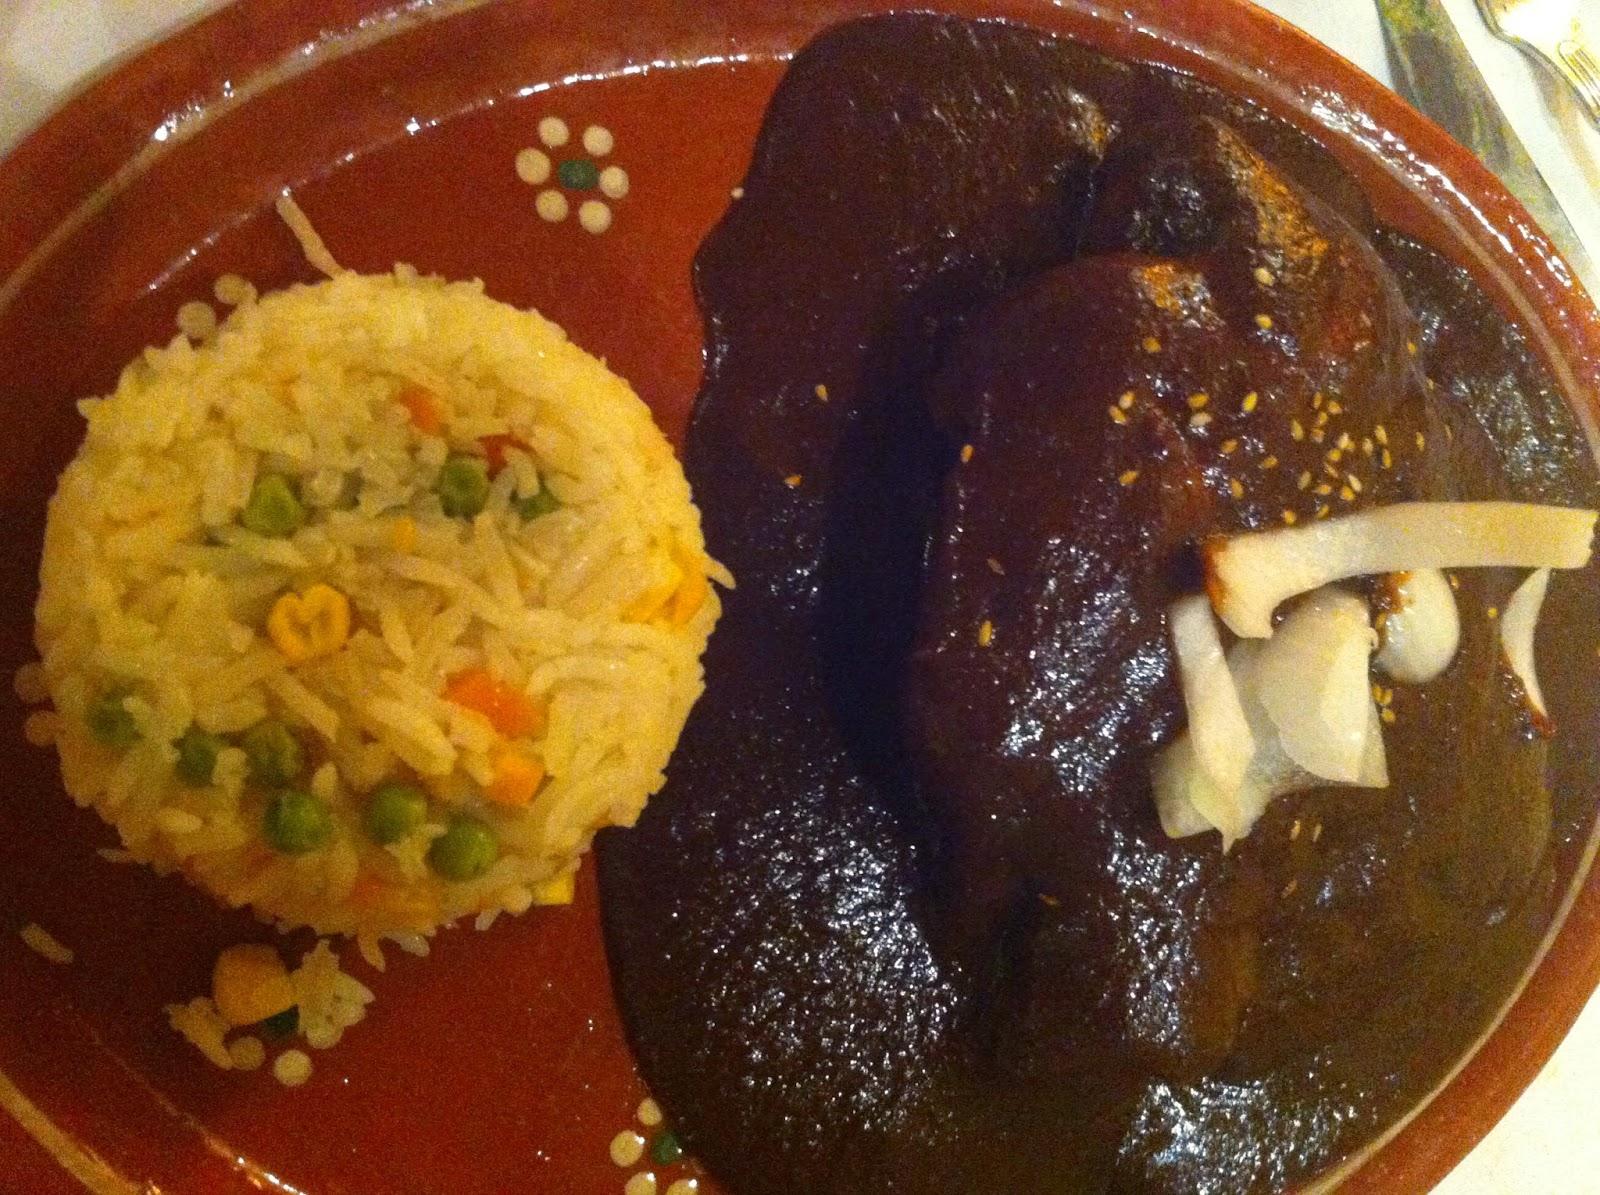 Restaurant Mexicaine Paris Mole